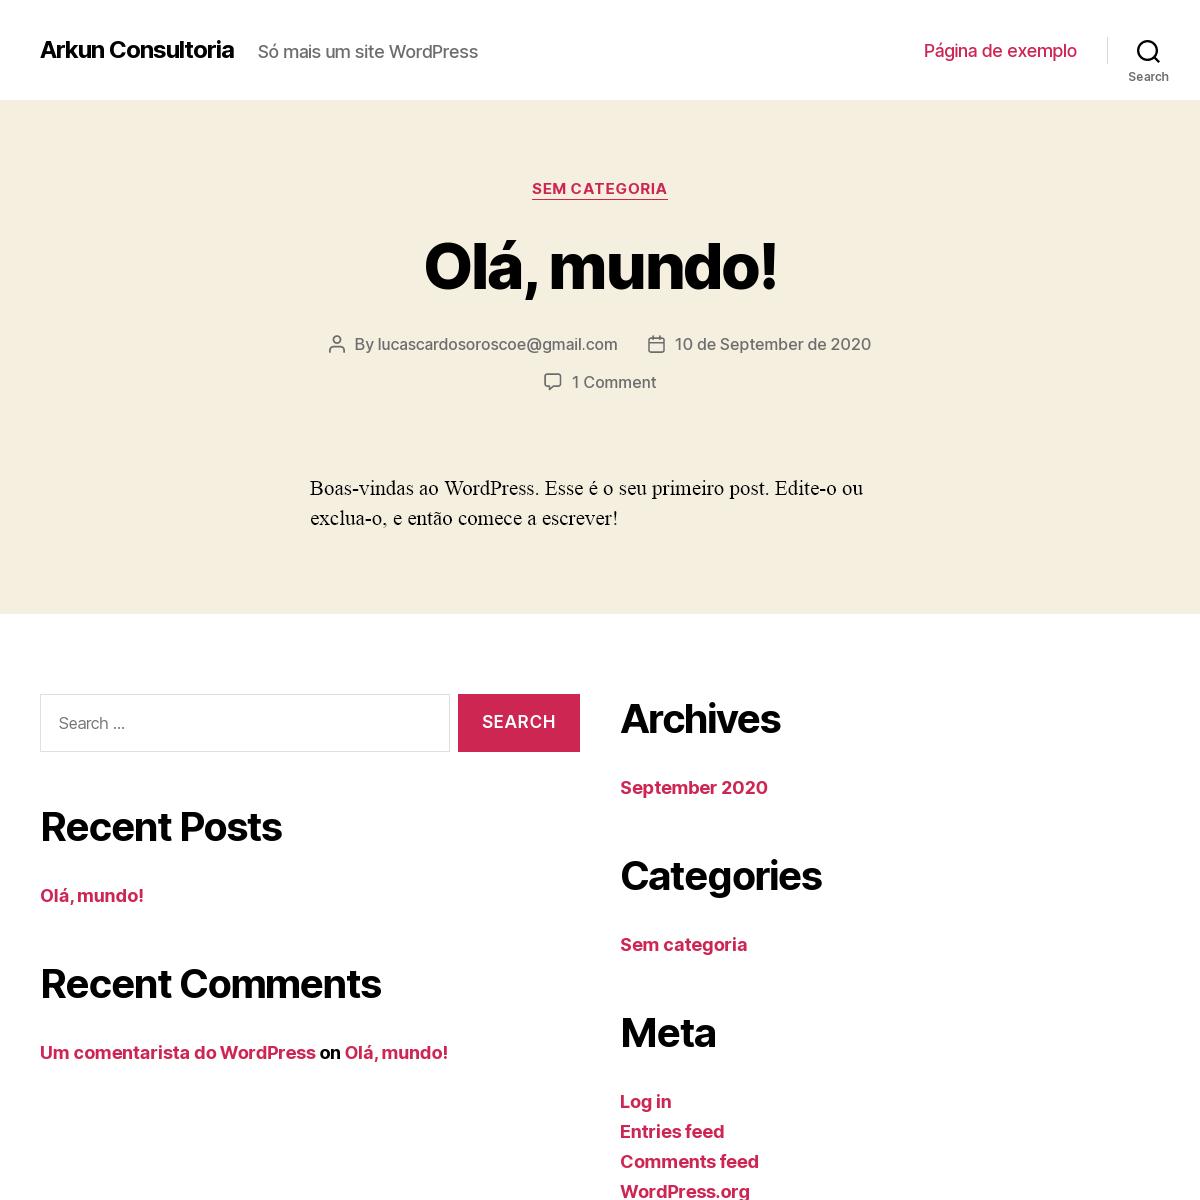 Arkun Consultoria – Só mais um site WordPress